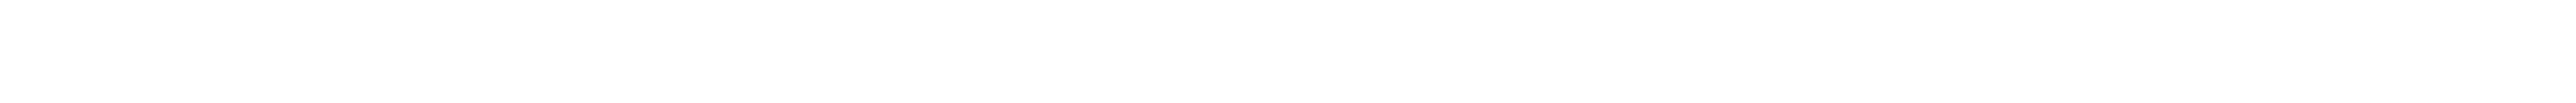 כיסוי לפלטה - דוגמא - אמנות יודאיקה ייחודית